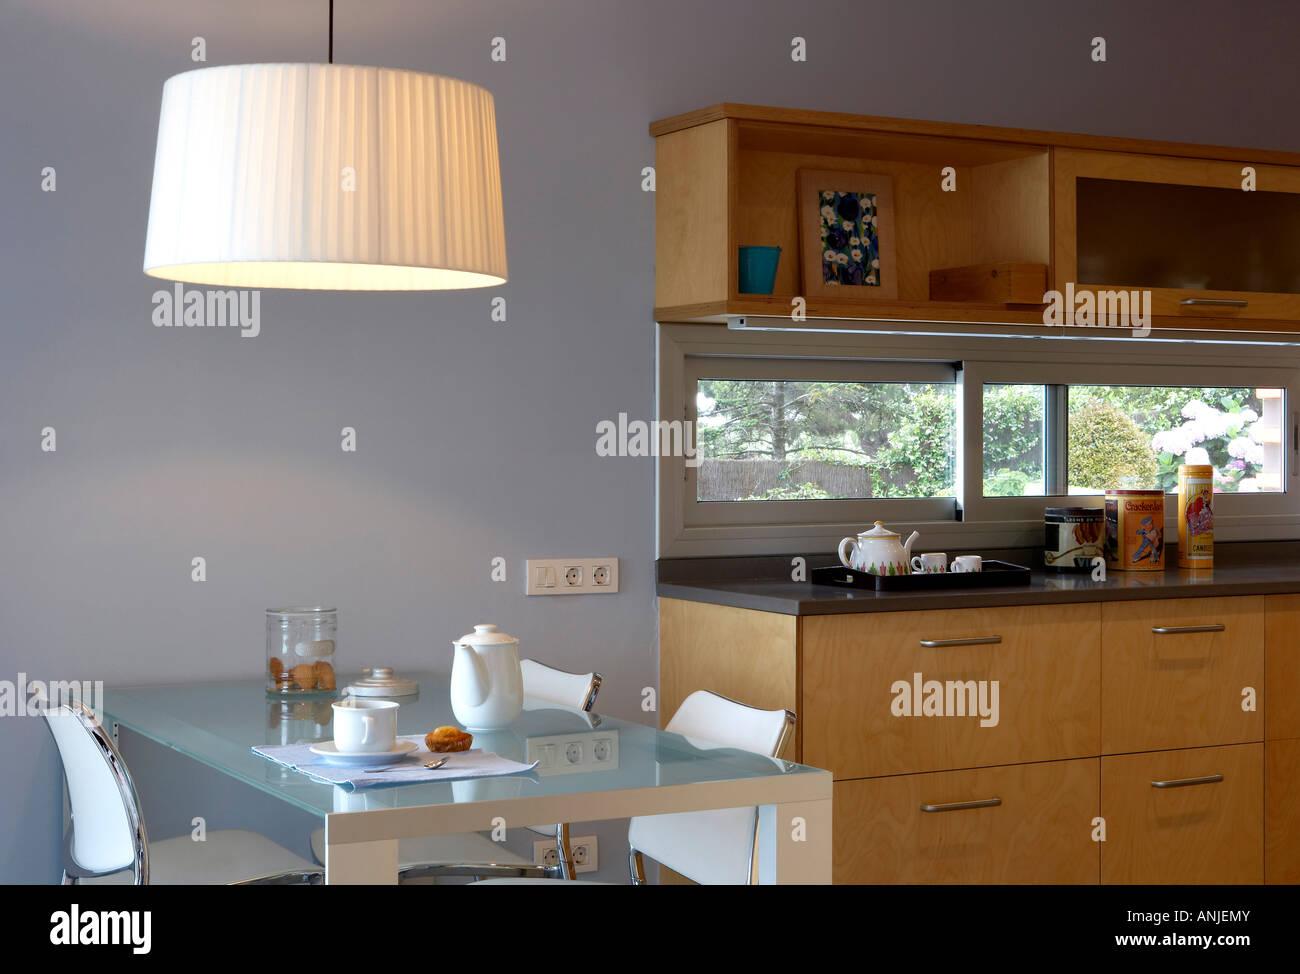 Küche mit hängende Beleuchtung über Esstisch Holzschubkästen und ...